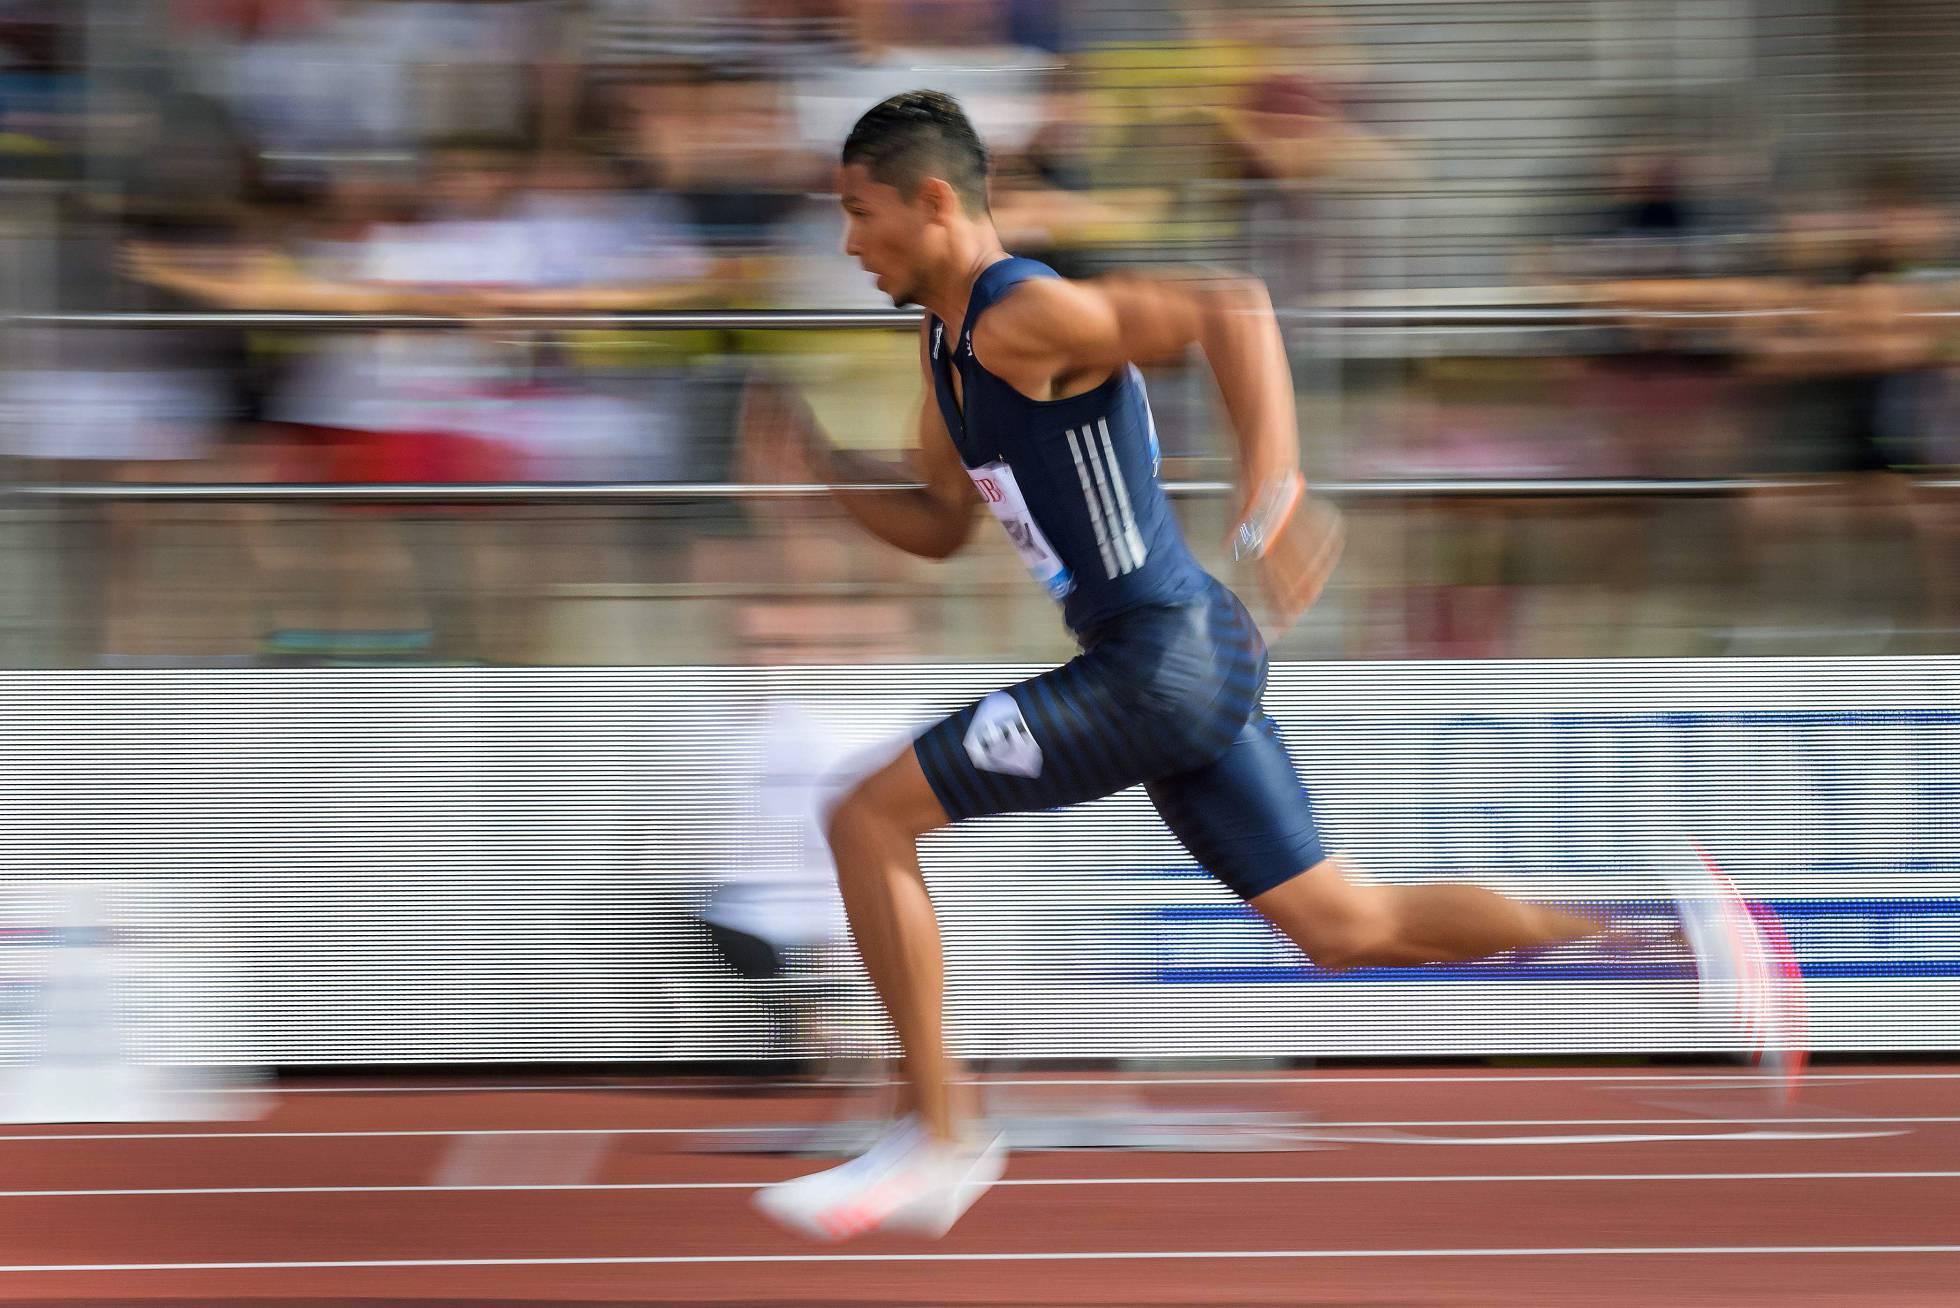 La importancia del pie en el maratón, Patrocinamos el streaming de la 1ª Jornada de la XXVI Liga Canaria de Clubes, Podología Deportiva Canarias, Federación Canaria de Atletismo